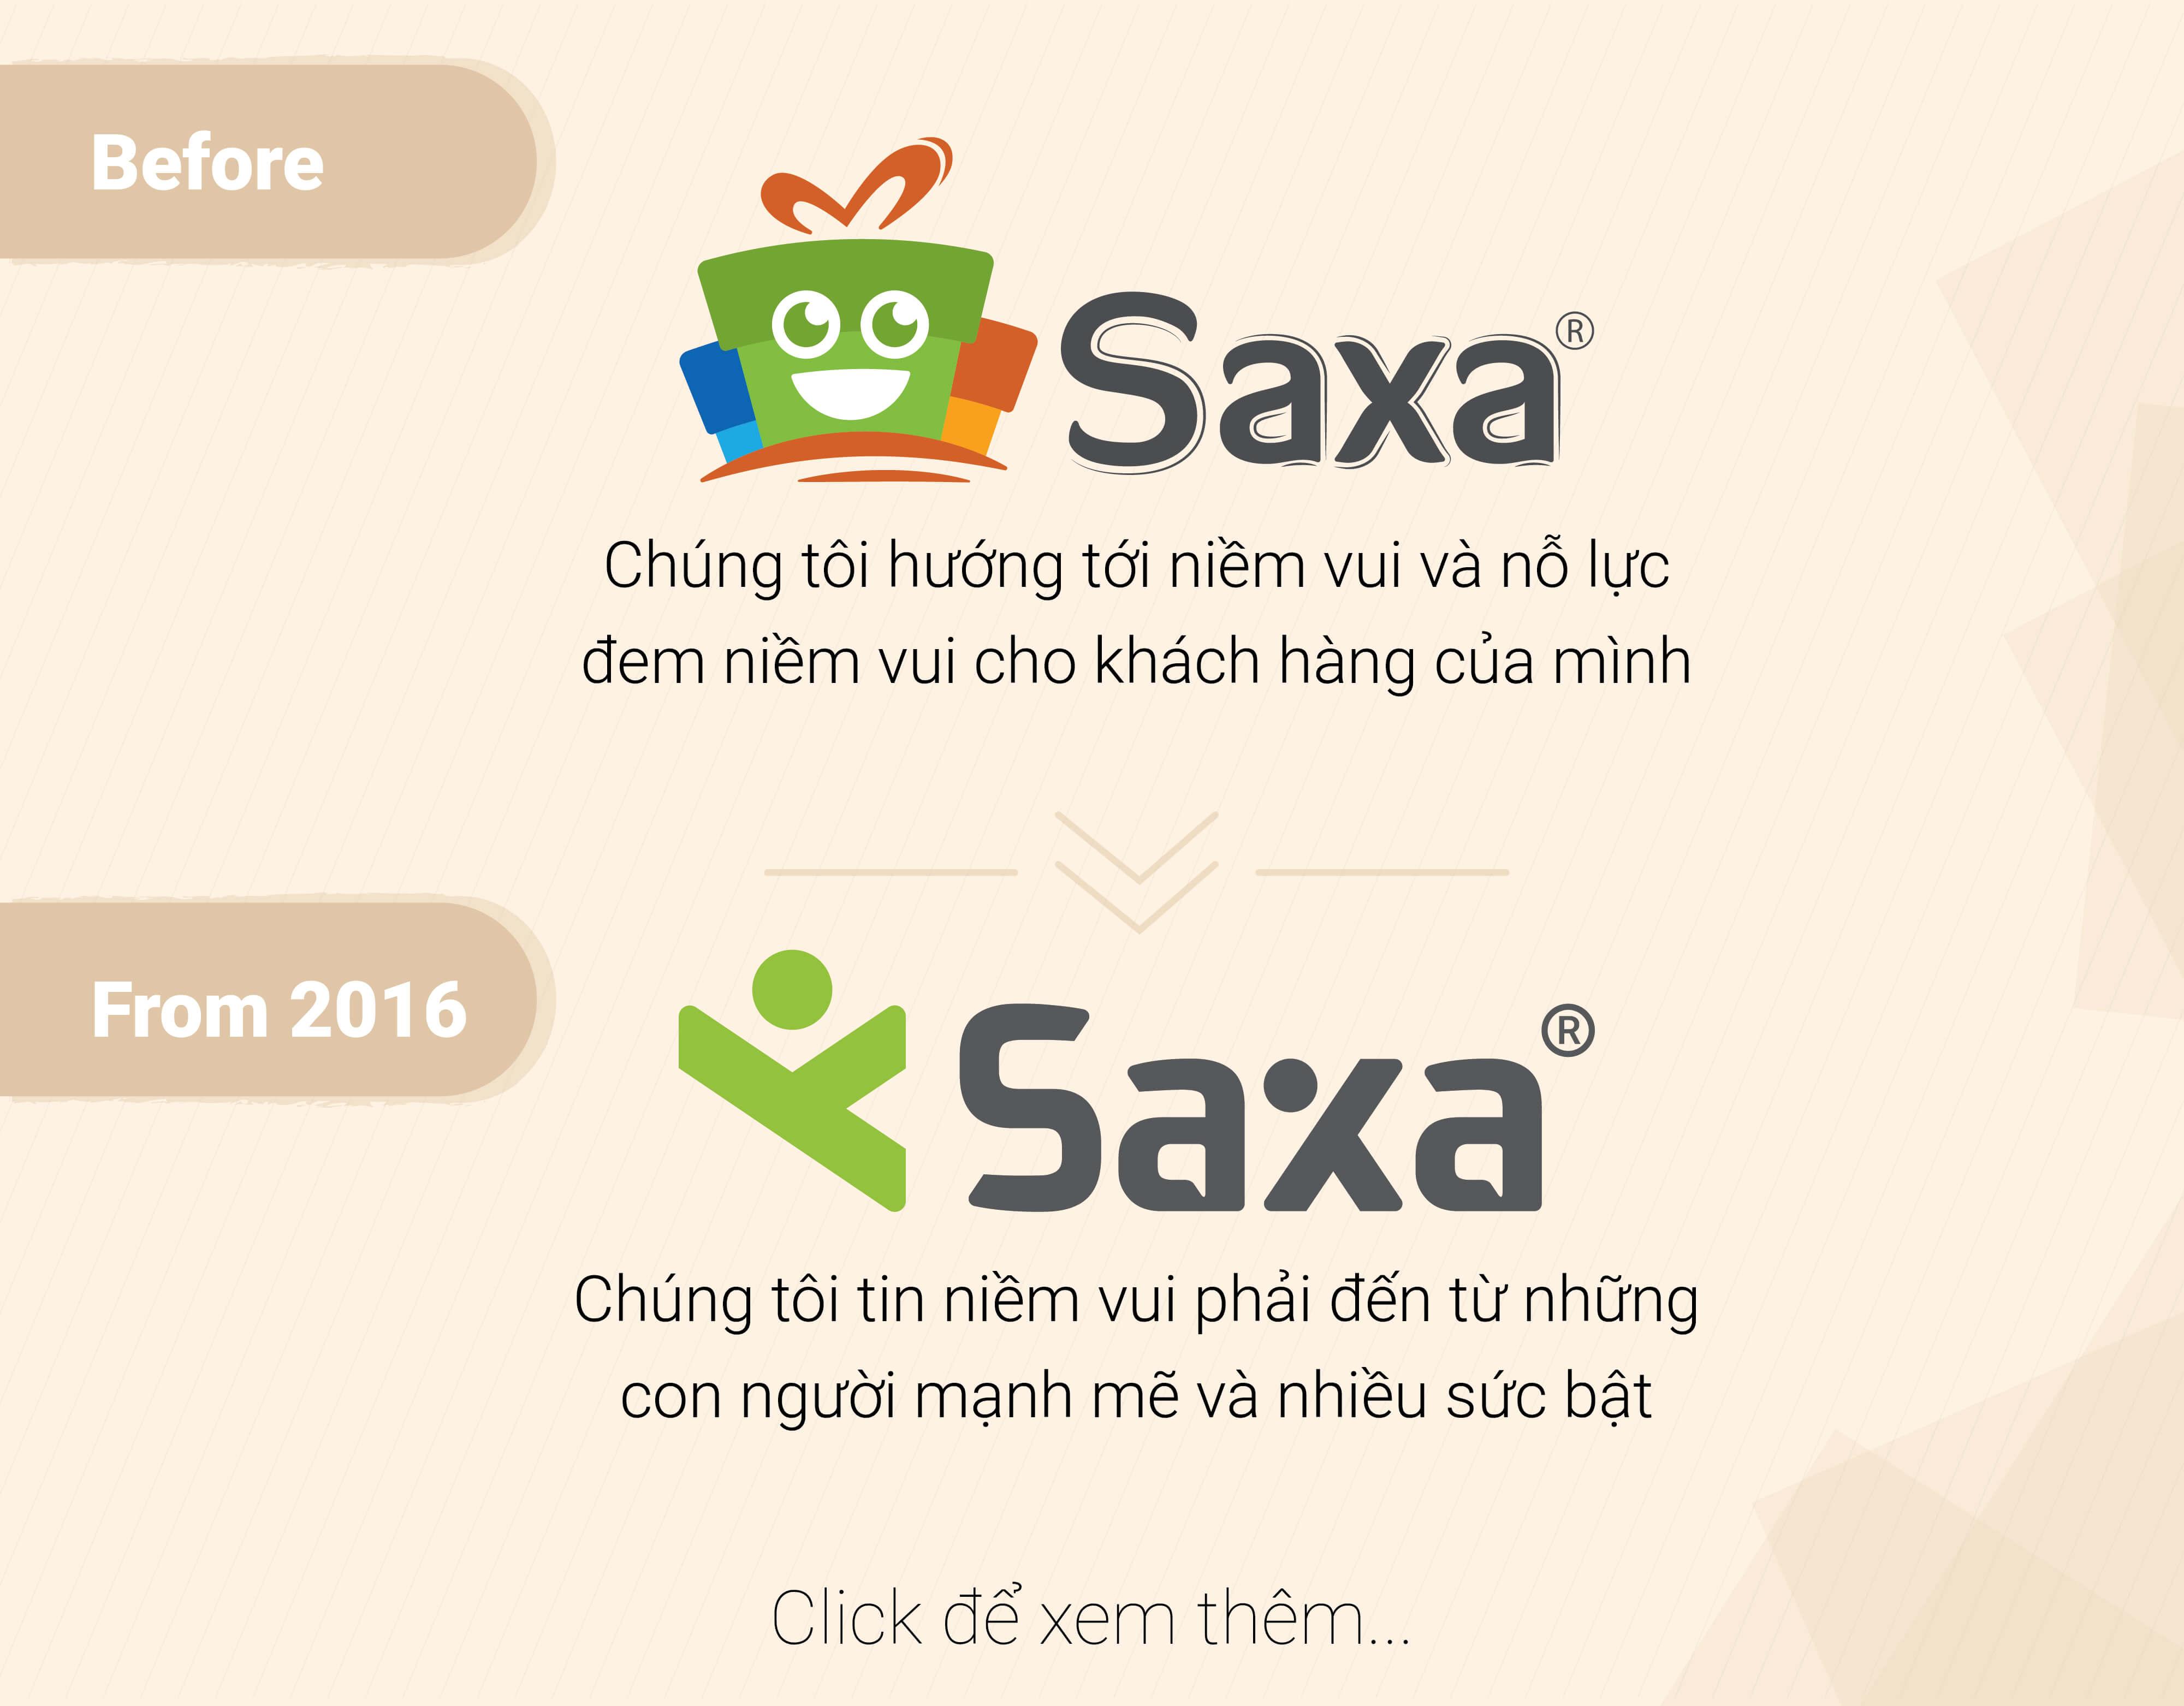 Xin chào bạn! Tôi là phiên bản chính thức mới nhất của thương hiệu Saxagifts